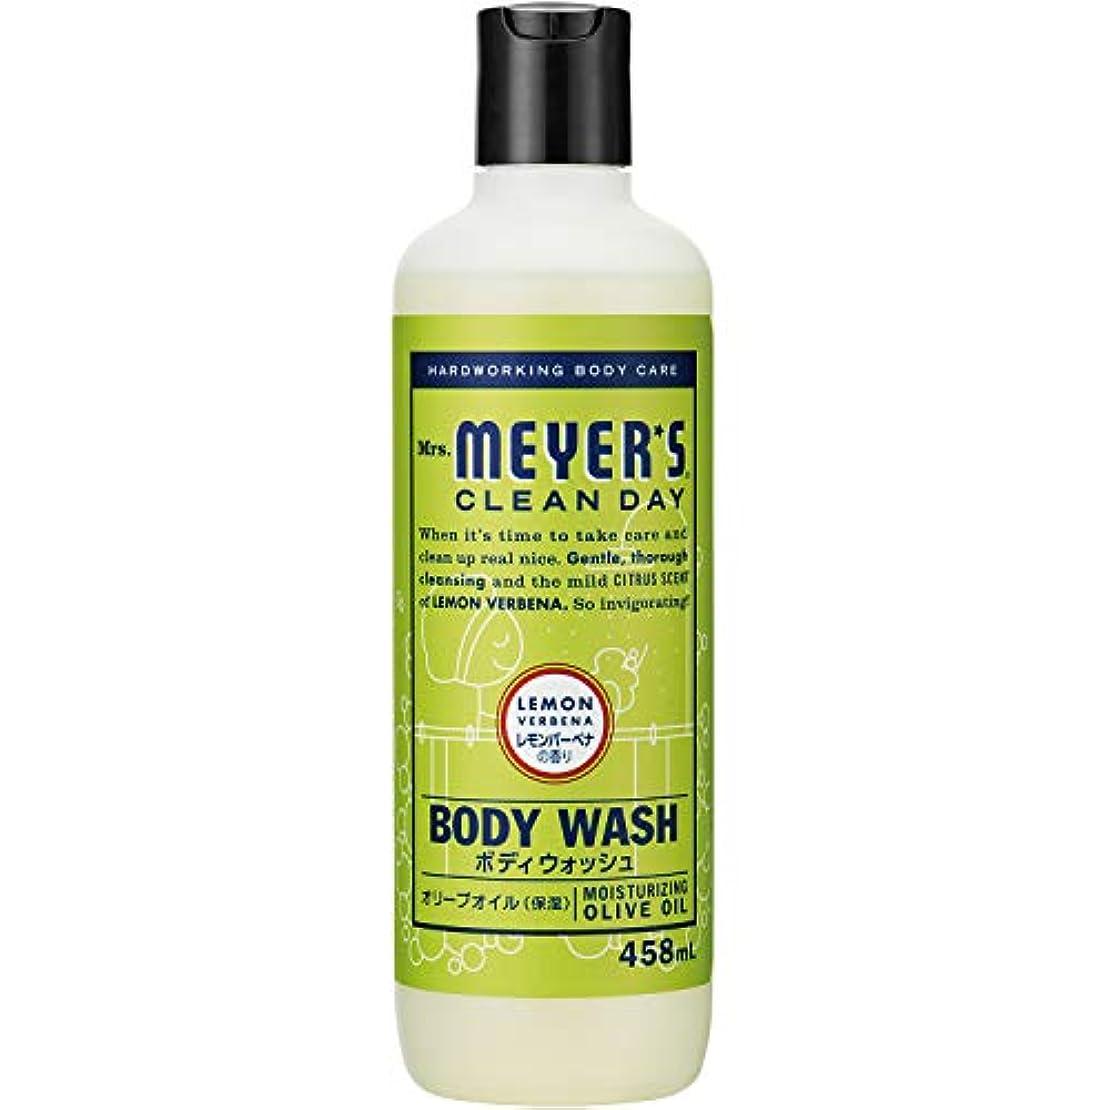 オーロック存在する廊下ミセスマイヤーズ クリーンデイ(Mrs.Meyers Clean Day) ボディウォッシュ レモンバーベナの香り 458ml